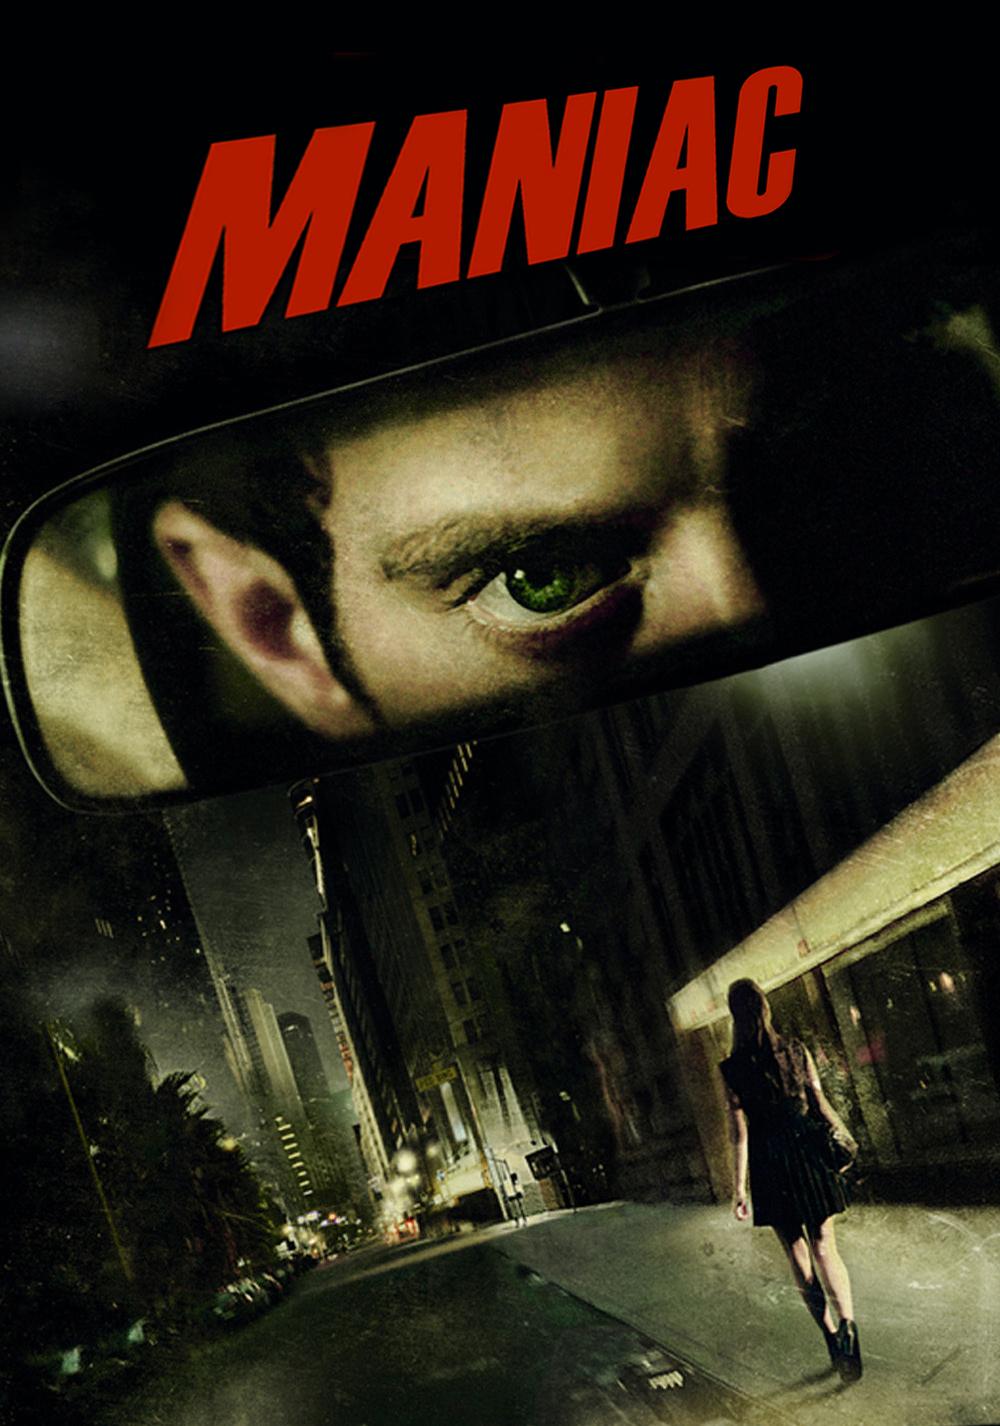 maniac - photo #17